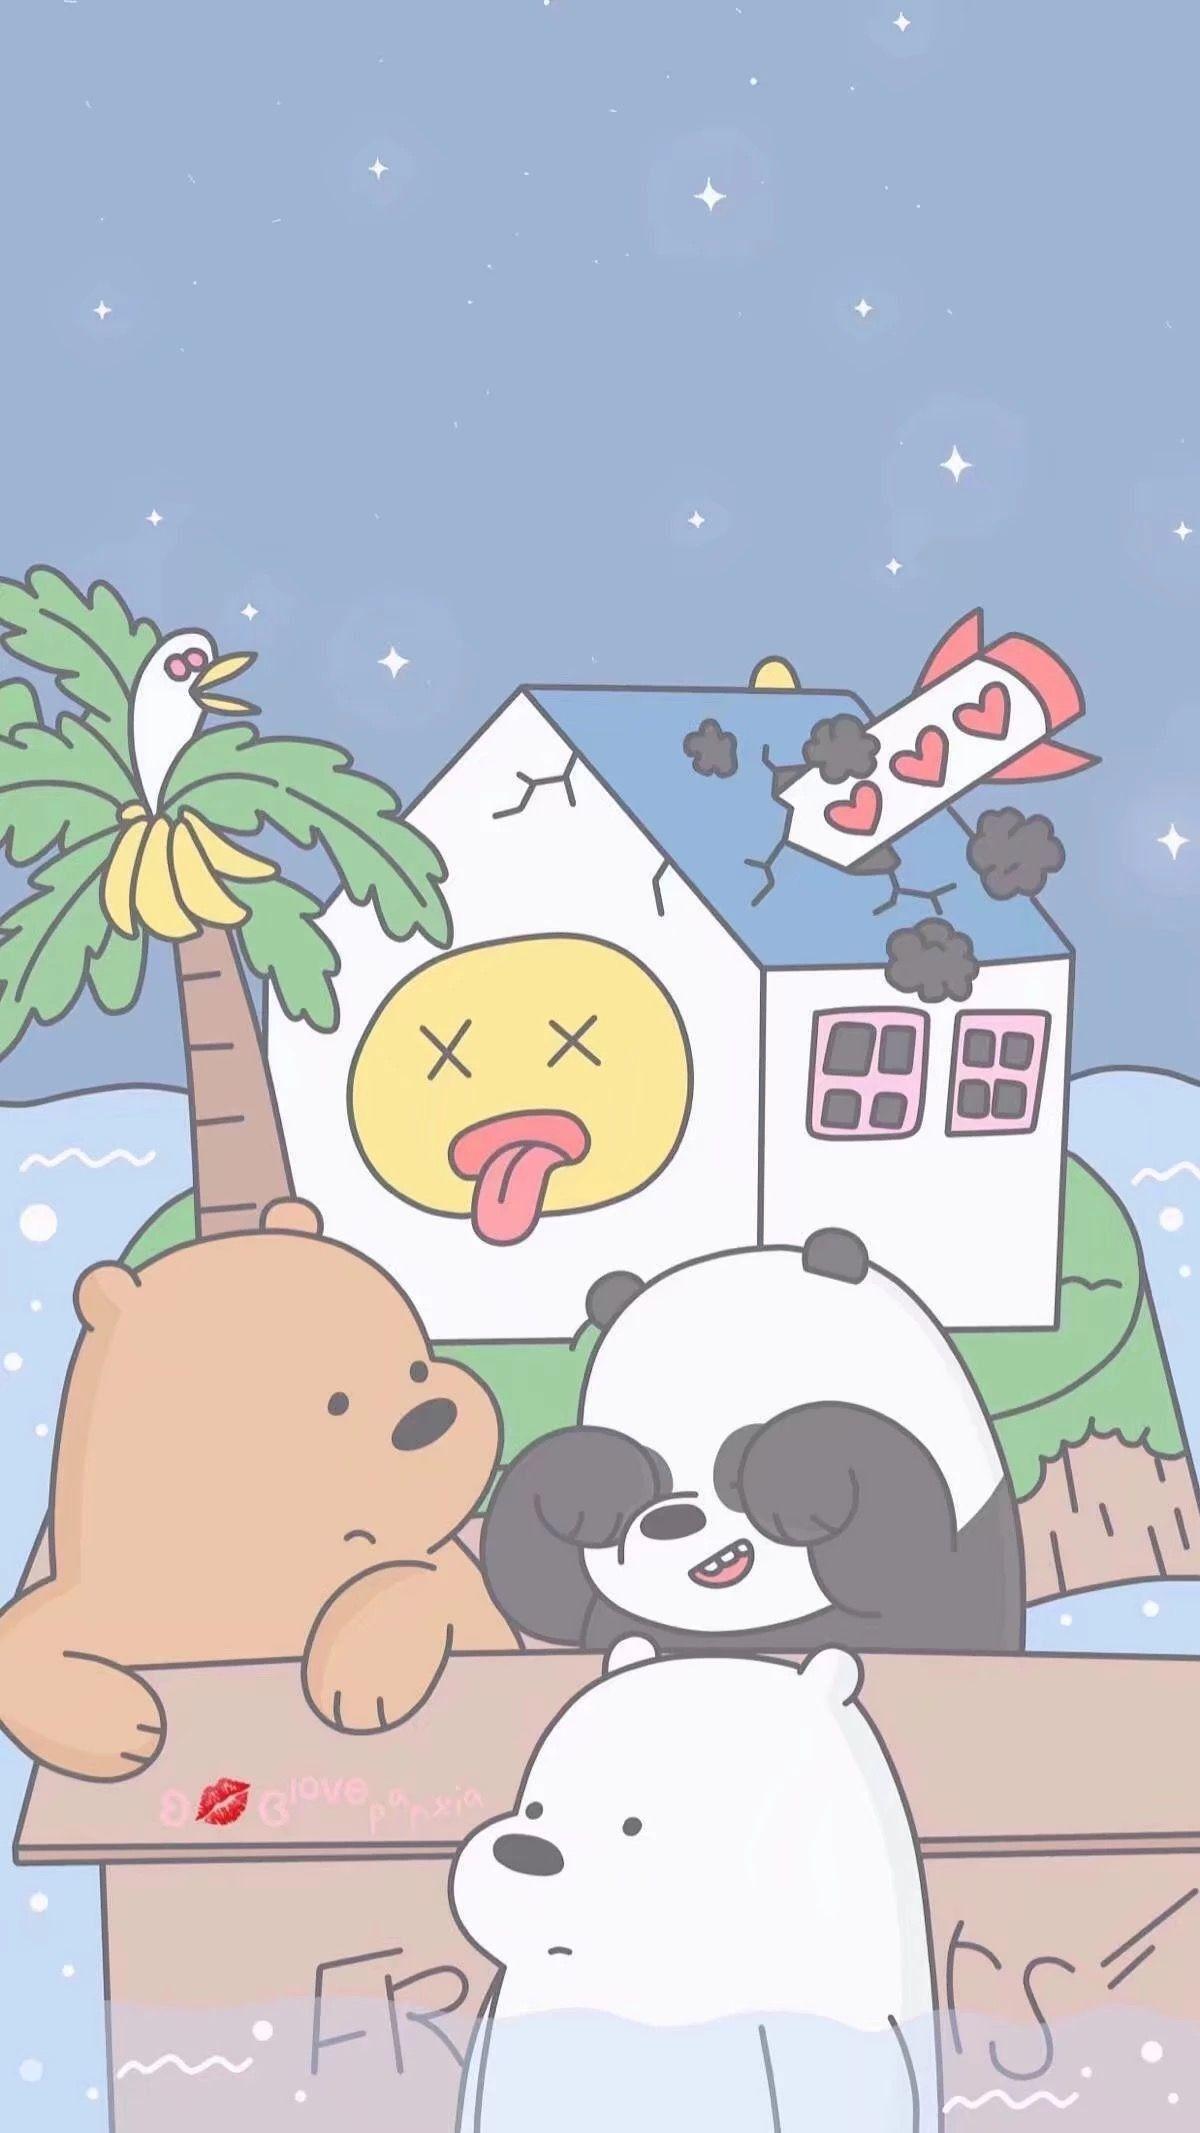 we bare bears wallpaper hd in 2020 Bear wallpaper, We